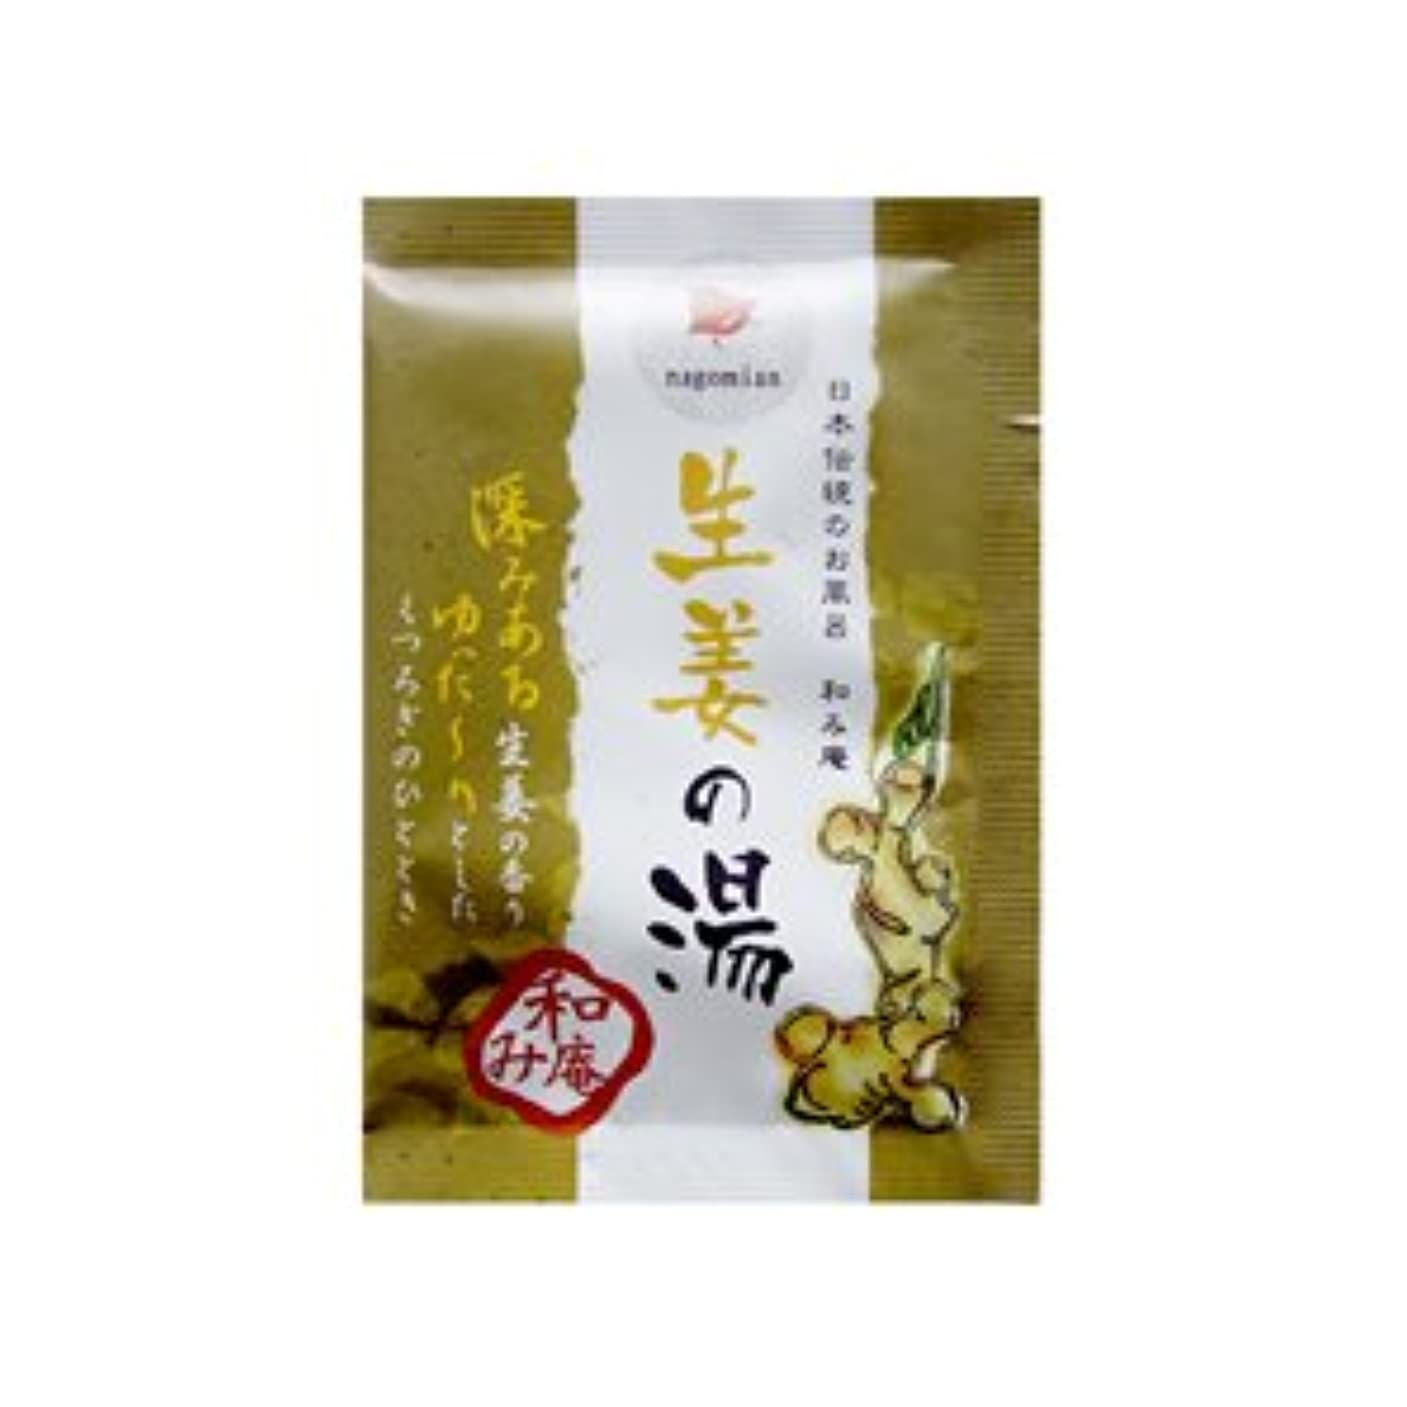 糸ホイットニータオル日本伝統のお風呂 和み庵 生姜の湯 25g 5個セット